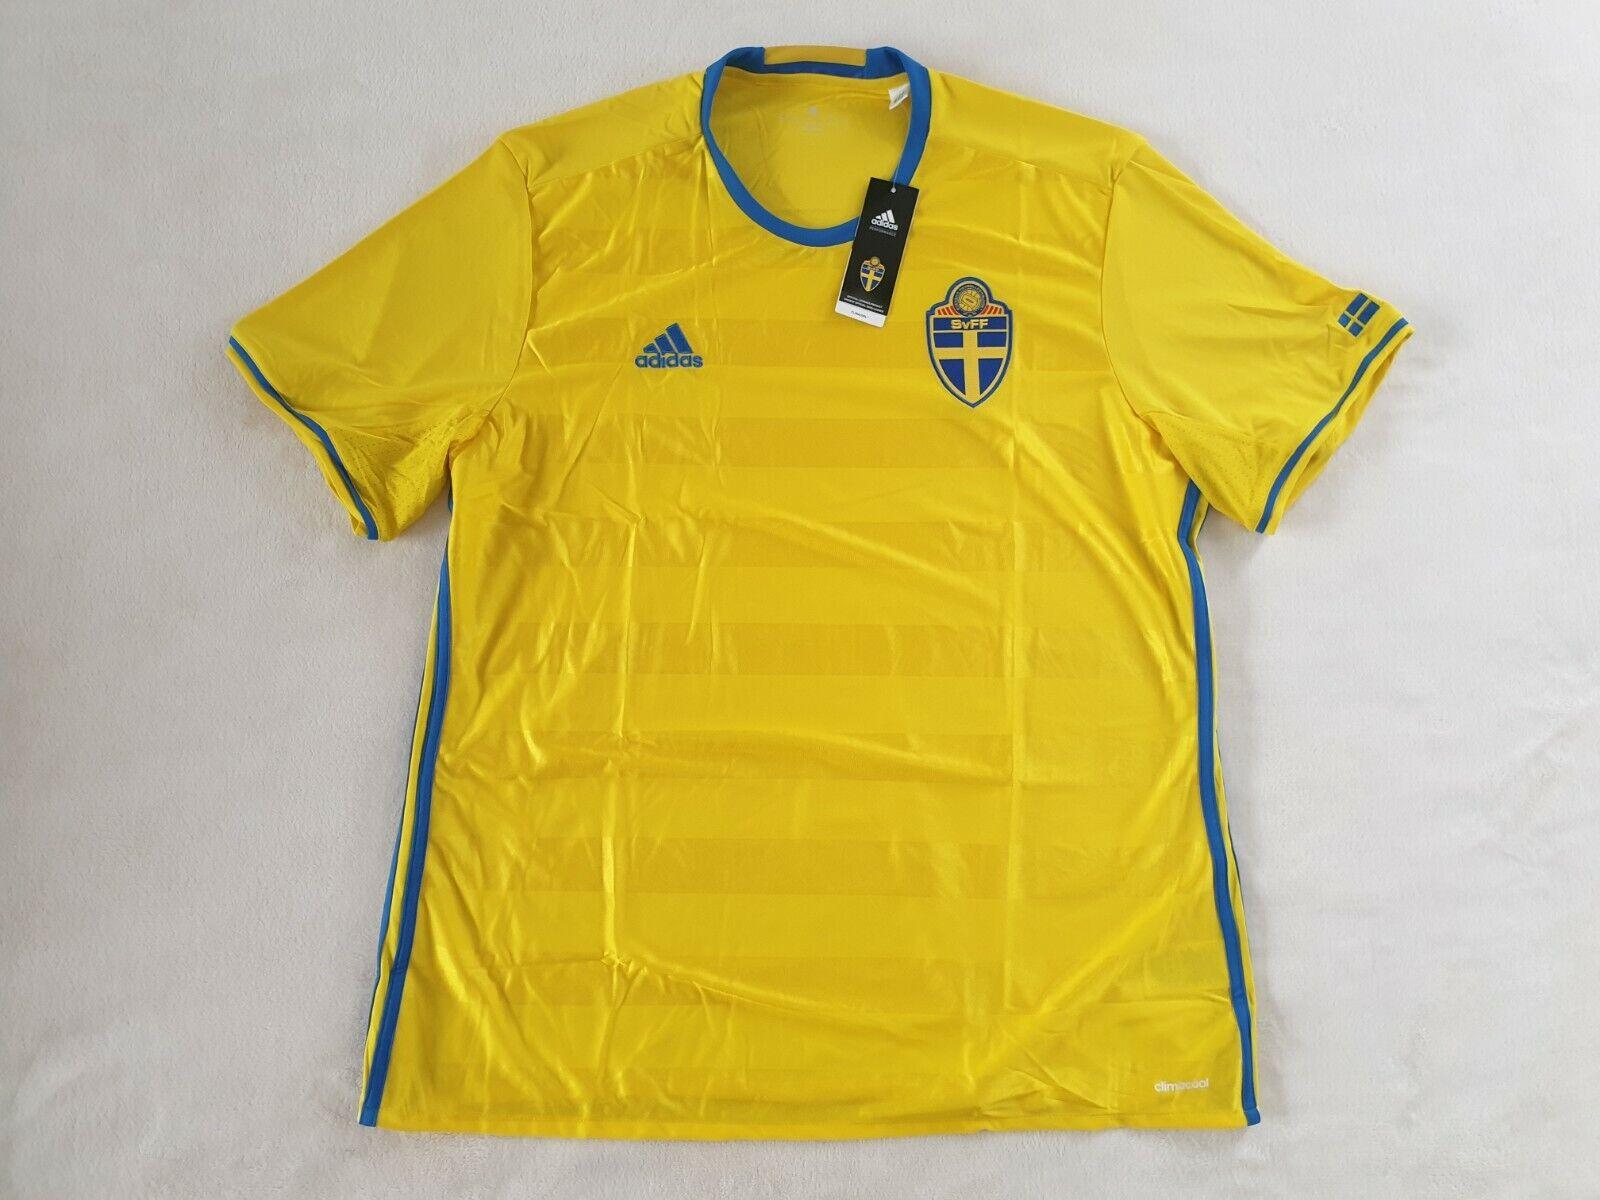 Schweden Trikot Home Adidas Größe S XL 2XL 3XL -NEU- Sverige Sweden